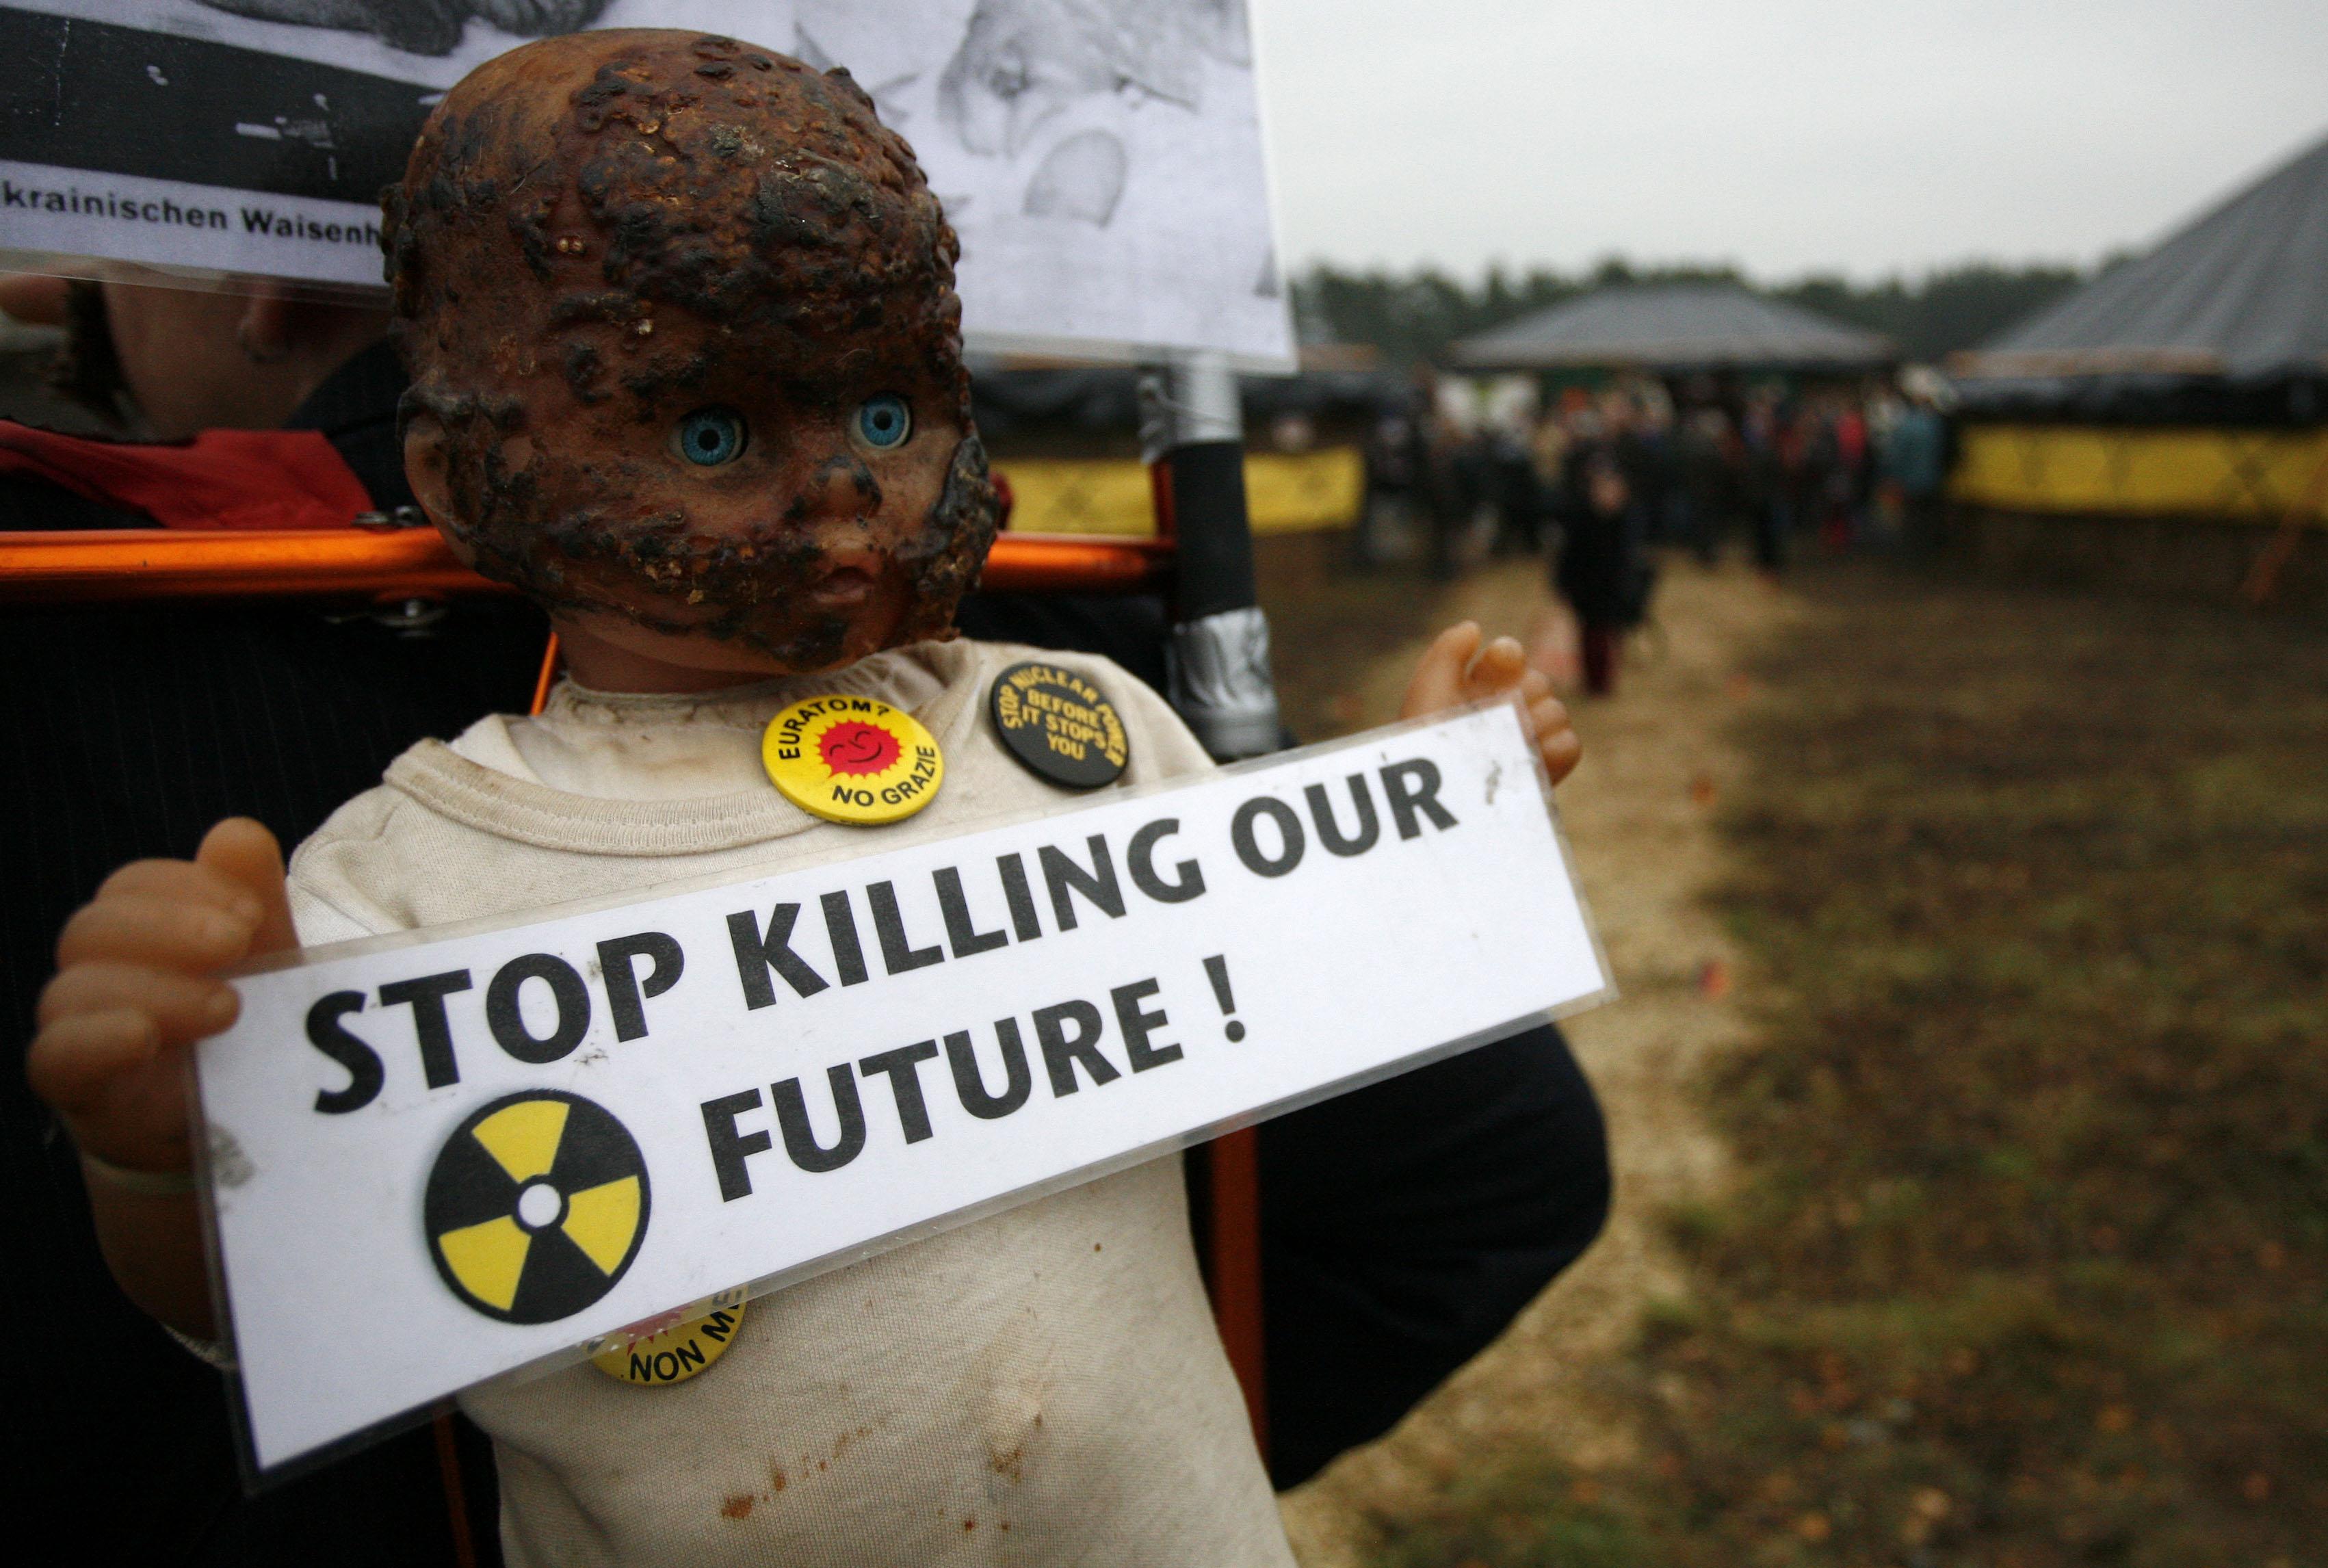 İş İşten Geçiyor: Nükleer inadı Türkiye'nin geleceğini ipotek altına alıyor!